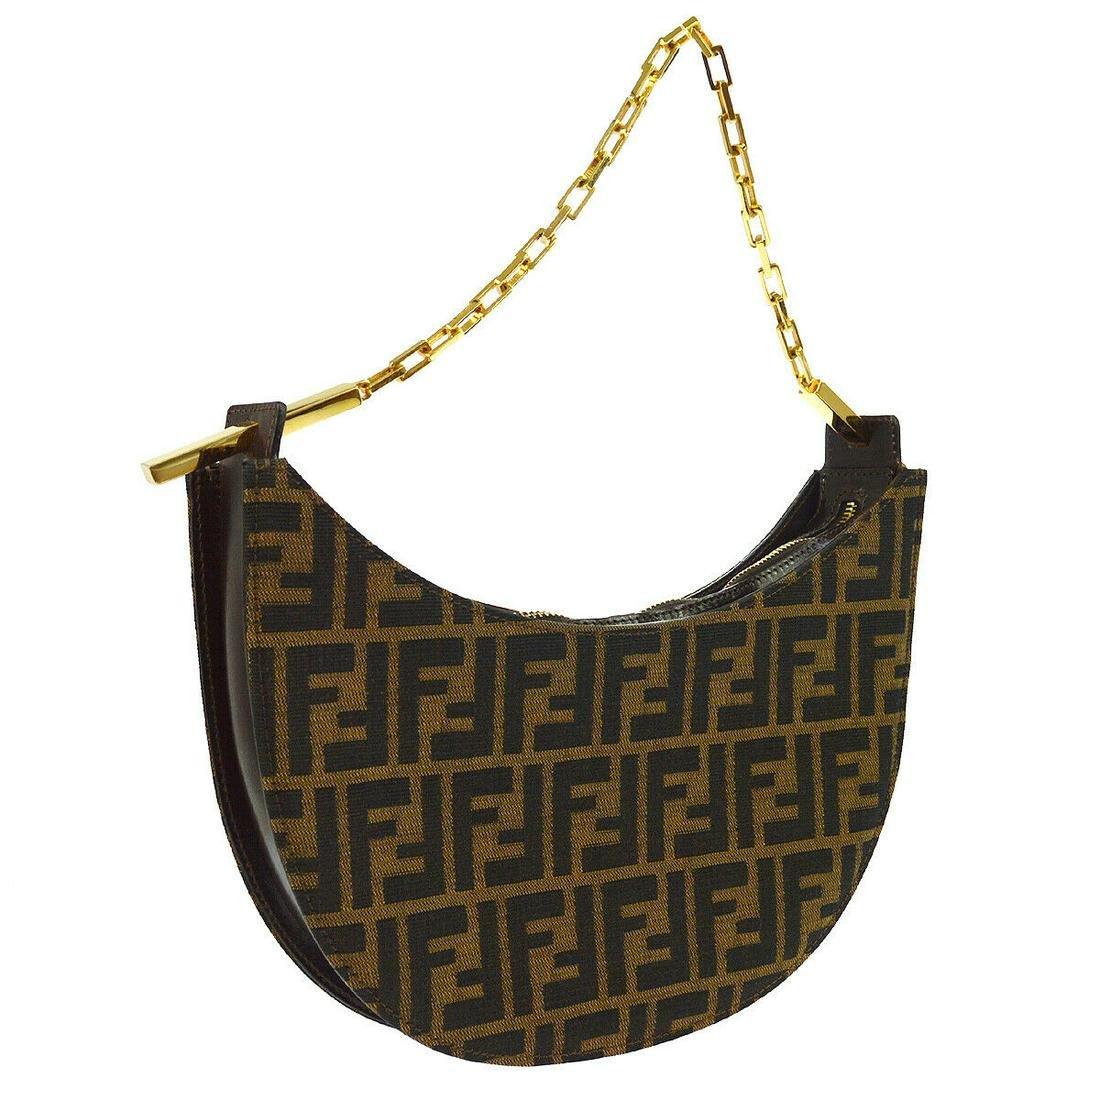 Authentic FENDI Canvas, Leather Shoulder Bag / Pochette